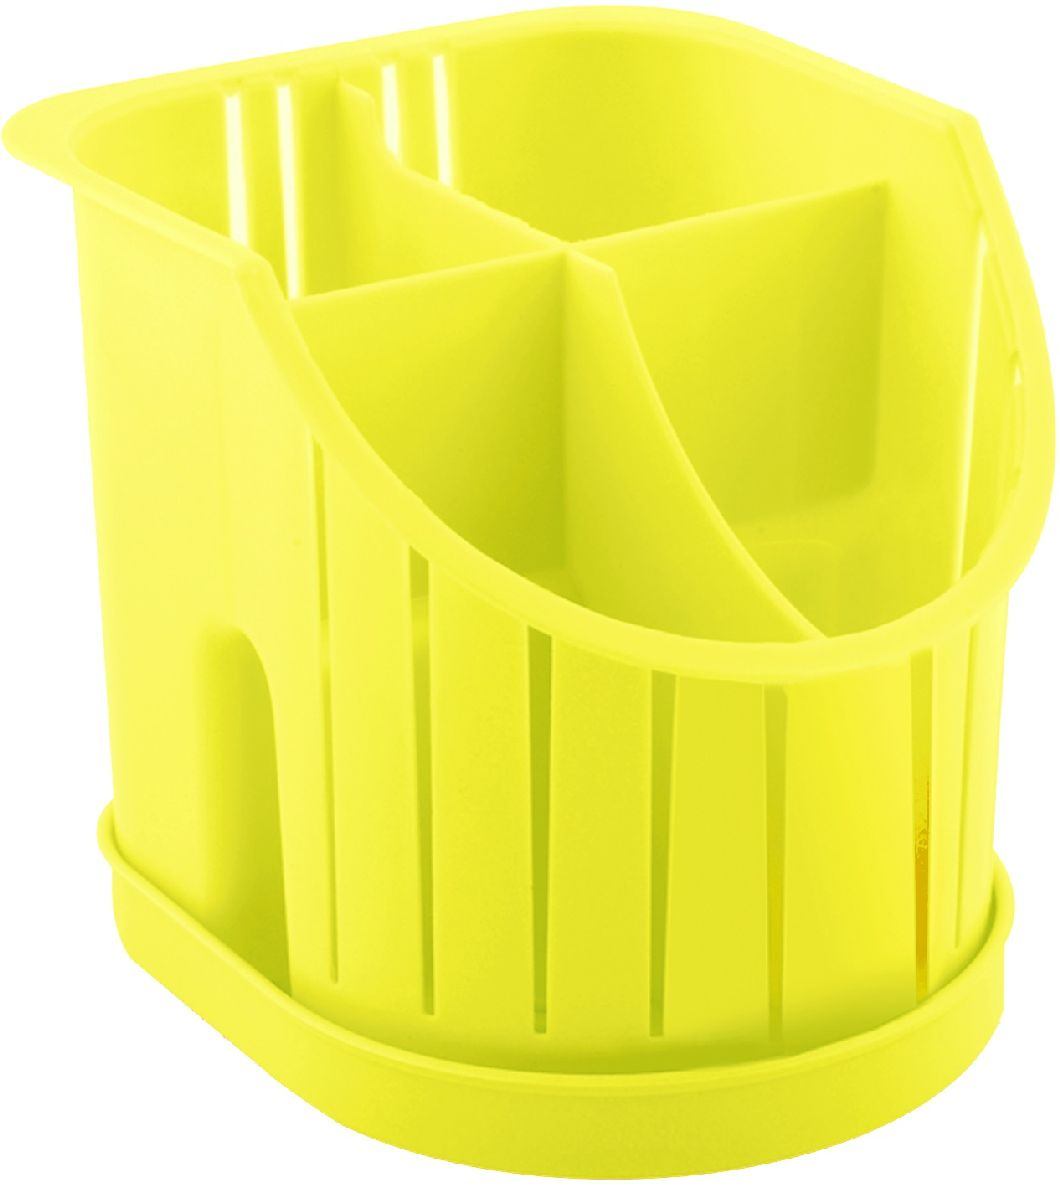 Сушилка для столовых приборов Plastic Centre, 4-секционная, цвет: желтый, 16 х 14,2 х 12,8 см сушилка для столовых приборов plastic centre лилия 20 12 16 см